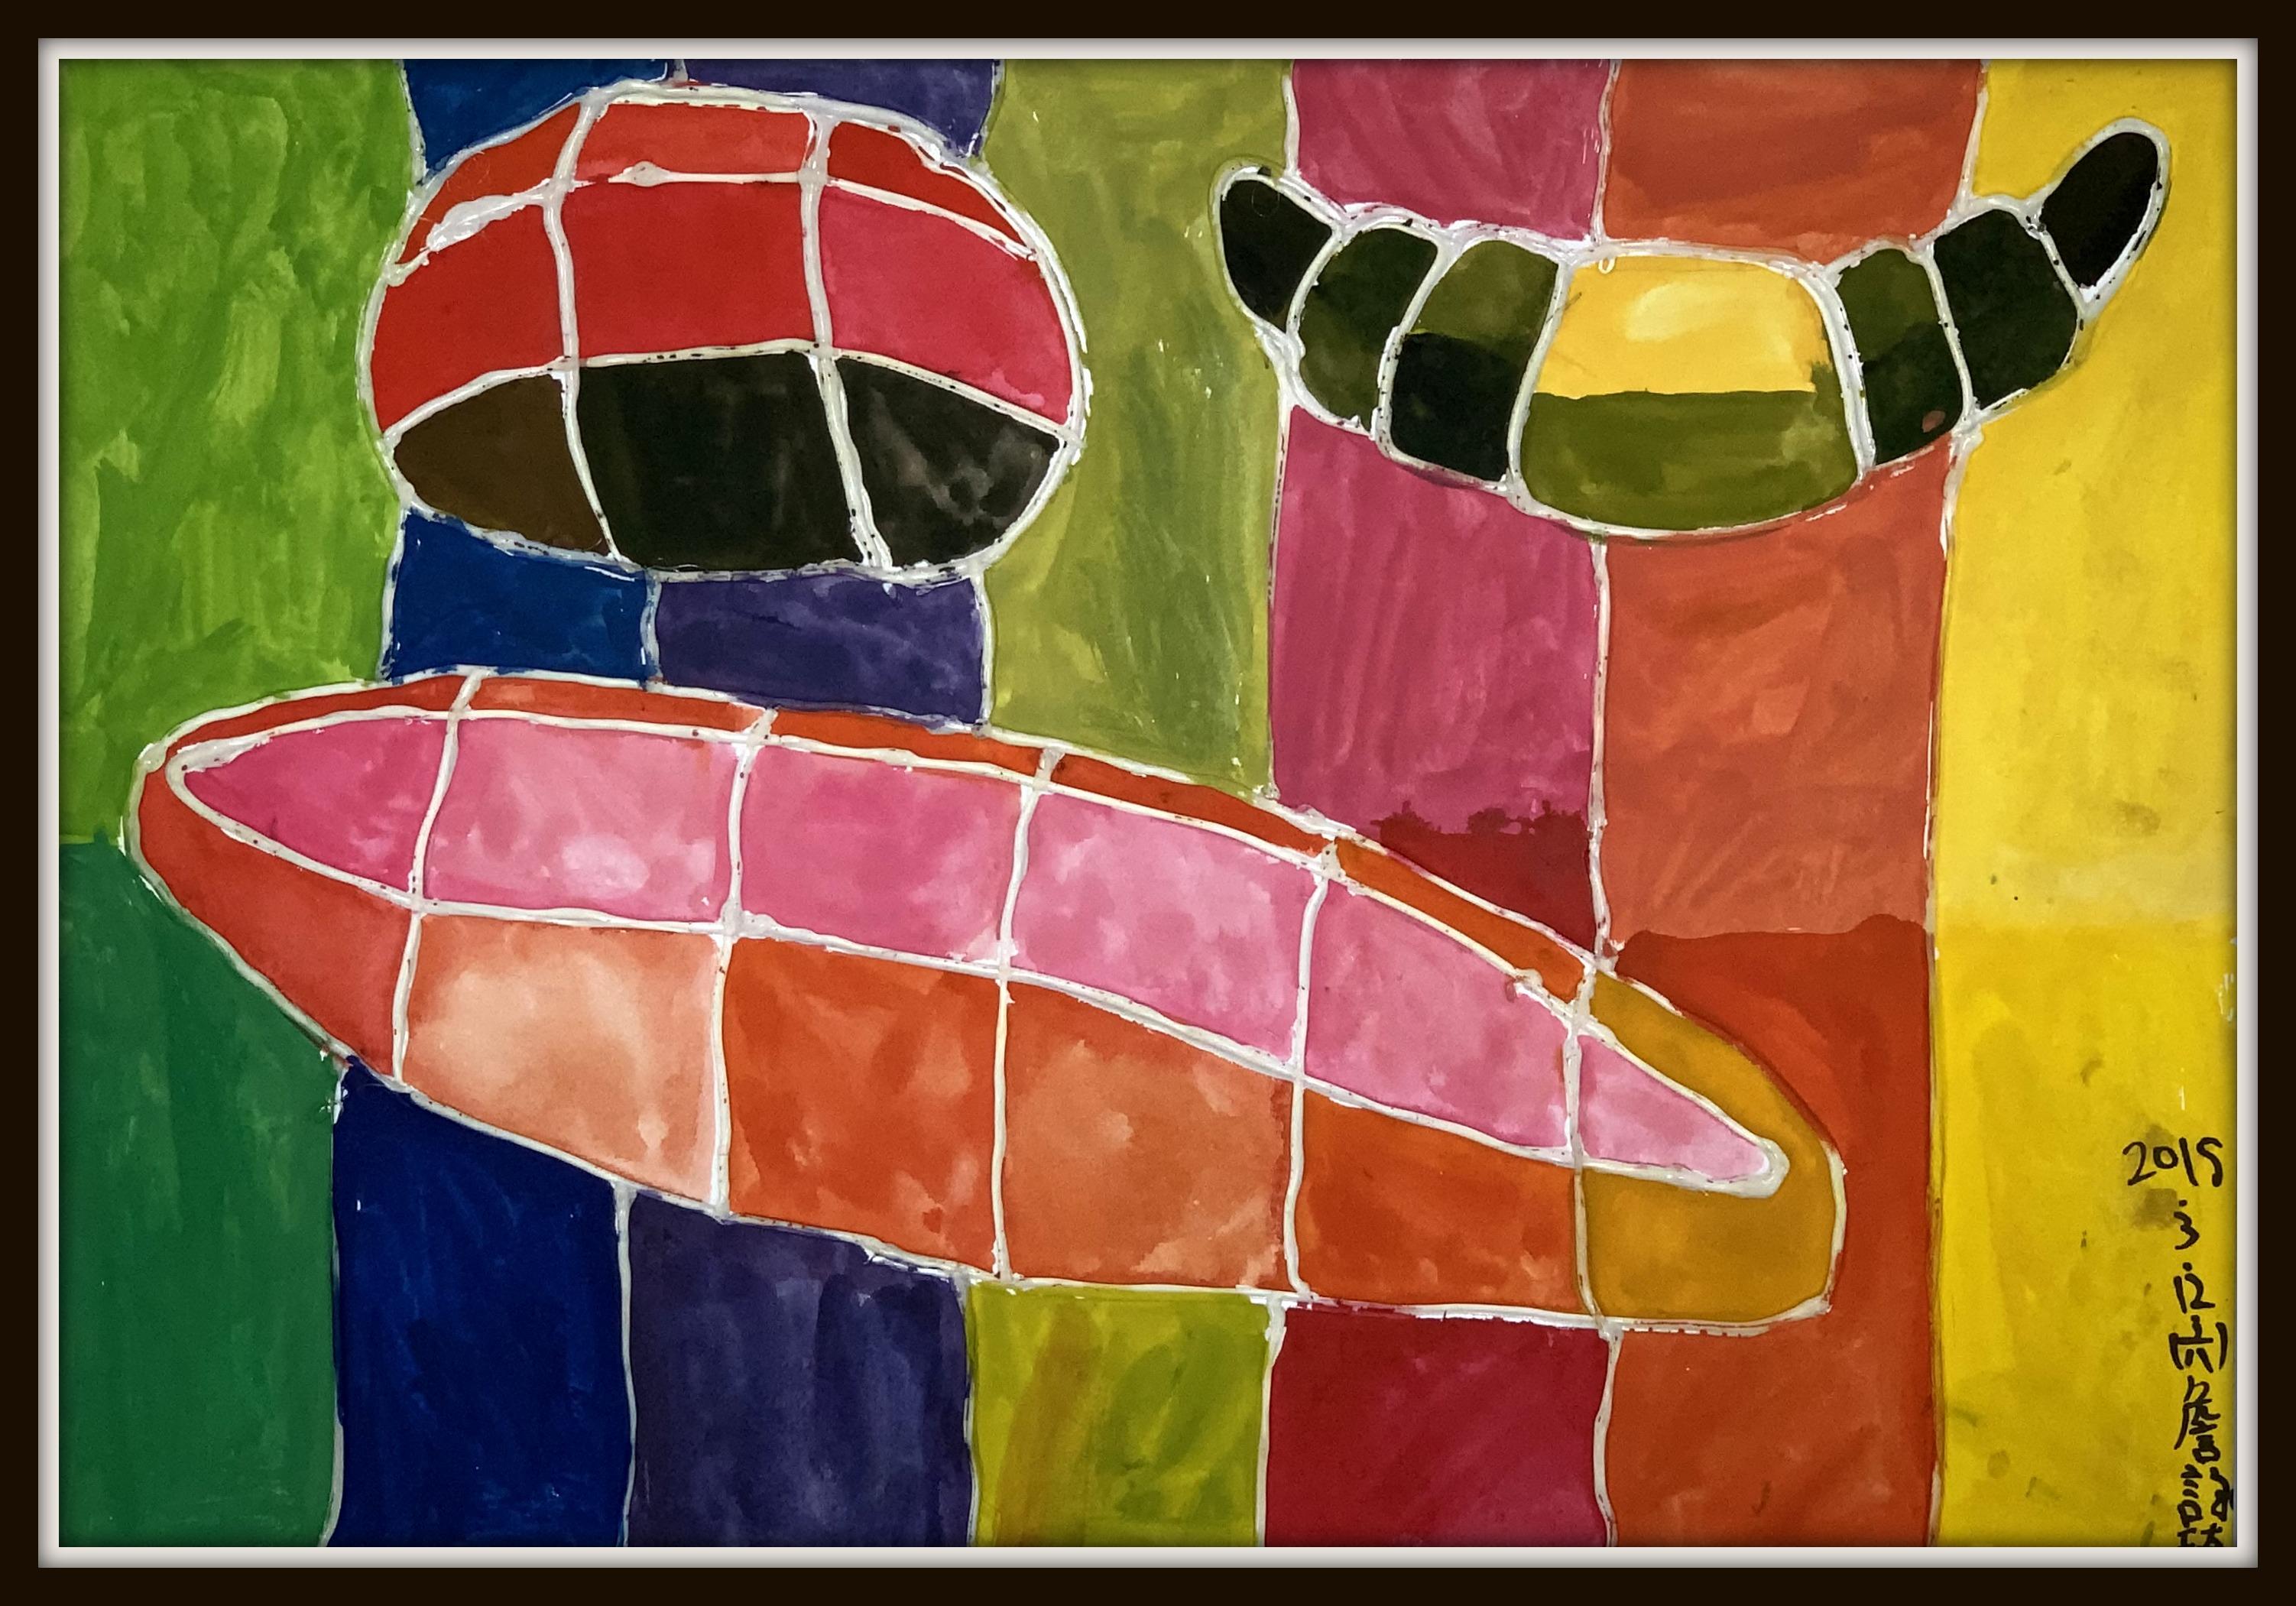 十九.色彩繽紛的麵包